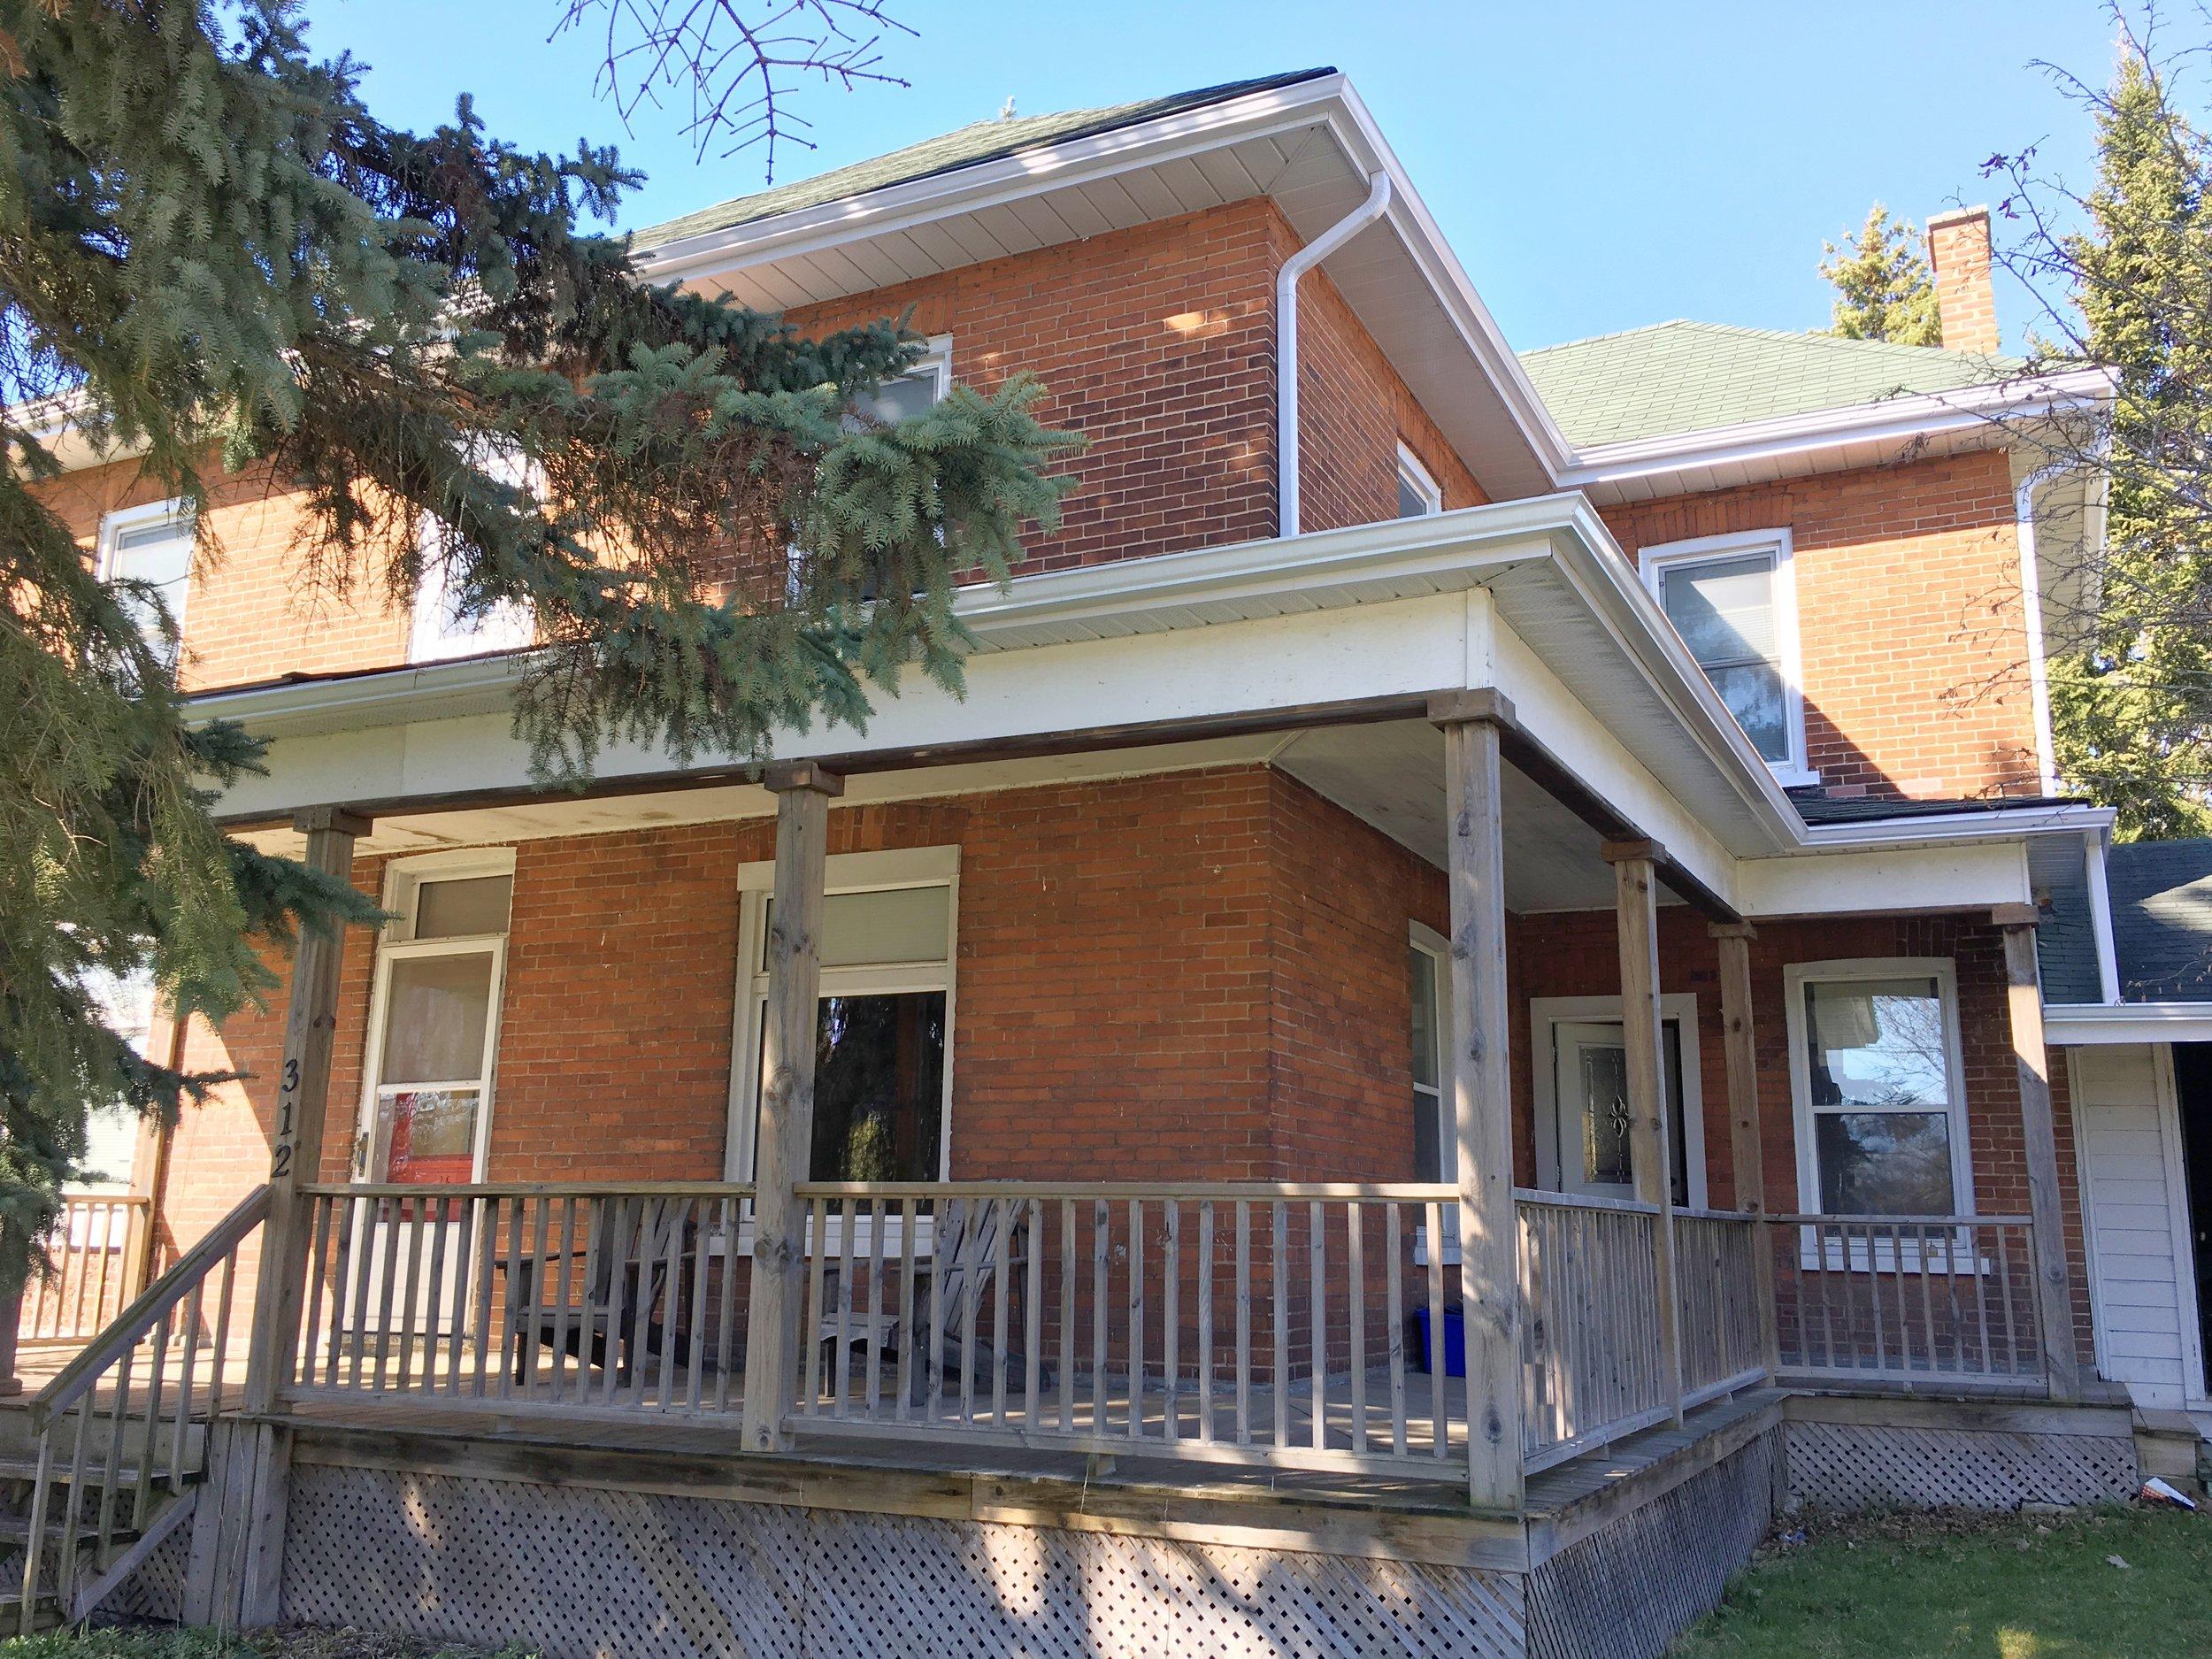 312 Herchimer Ave simplybellevillerealestate.com Front.jpg